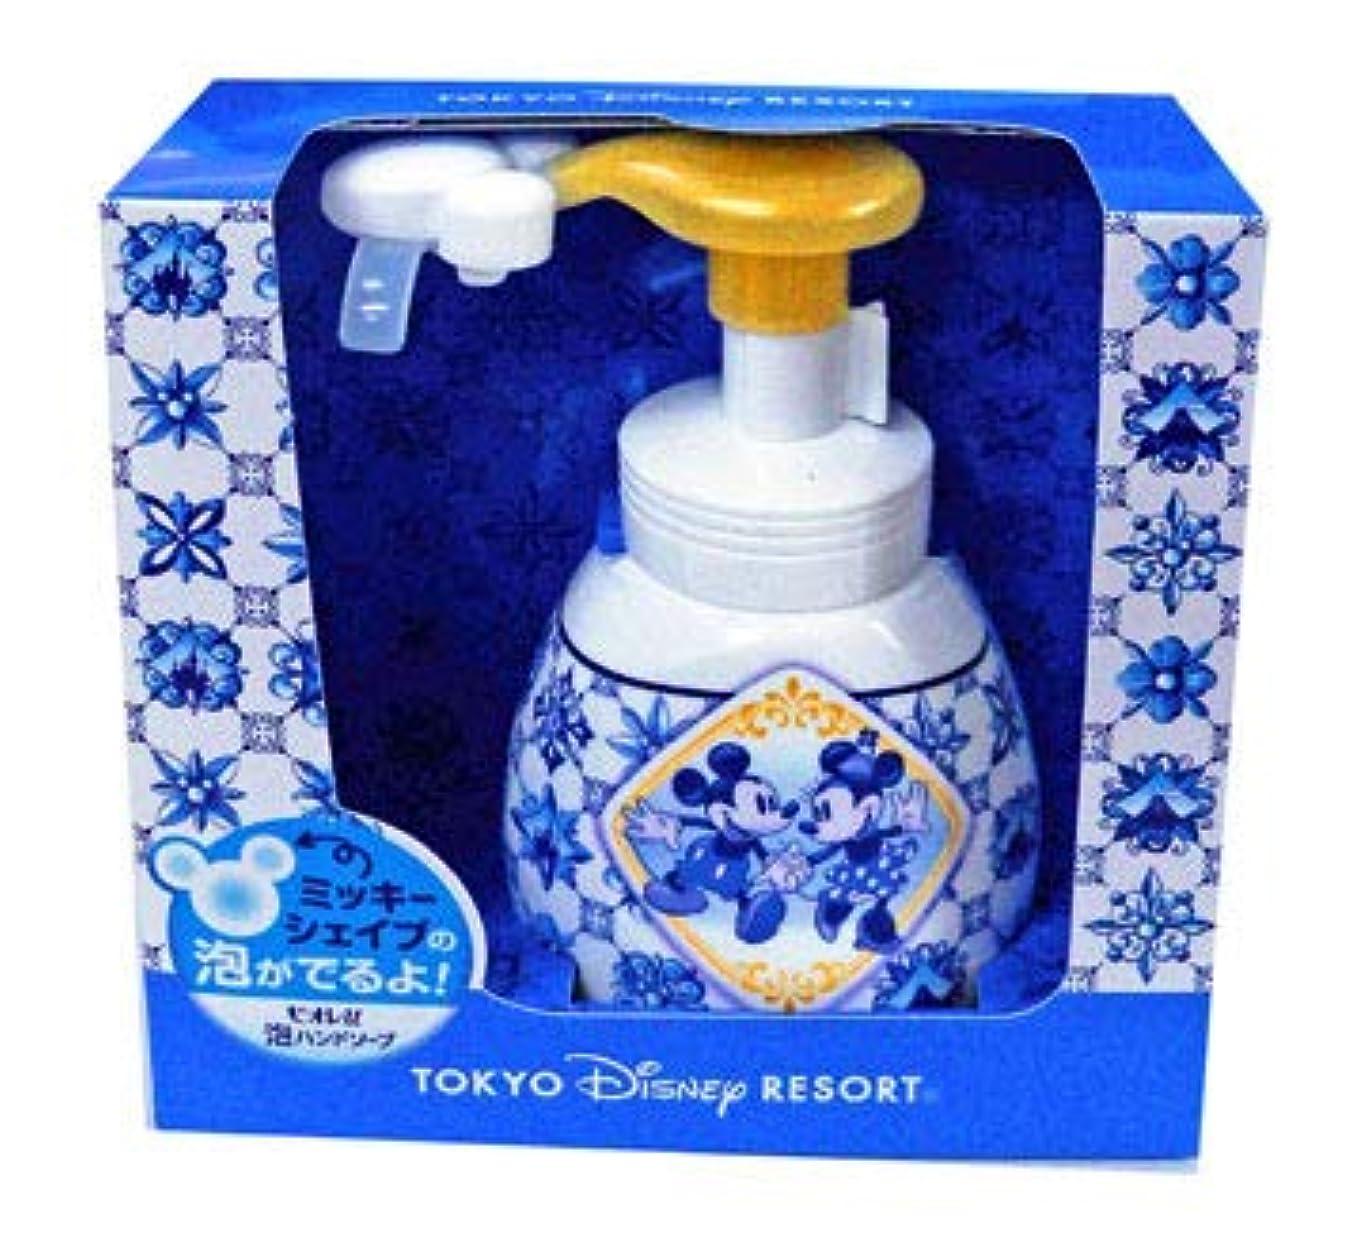 ボイラーミュウミュウリマーク泡ハンドソープ(新デザイン) 東京ディズニーリゾート ミッキーとミニー柄  おみやげ